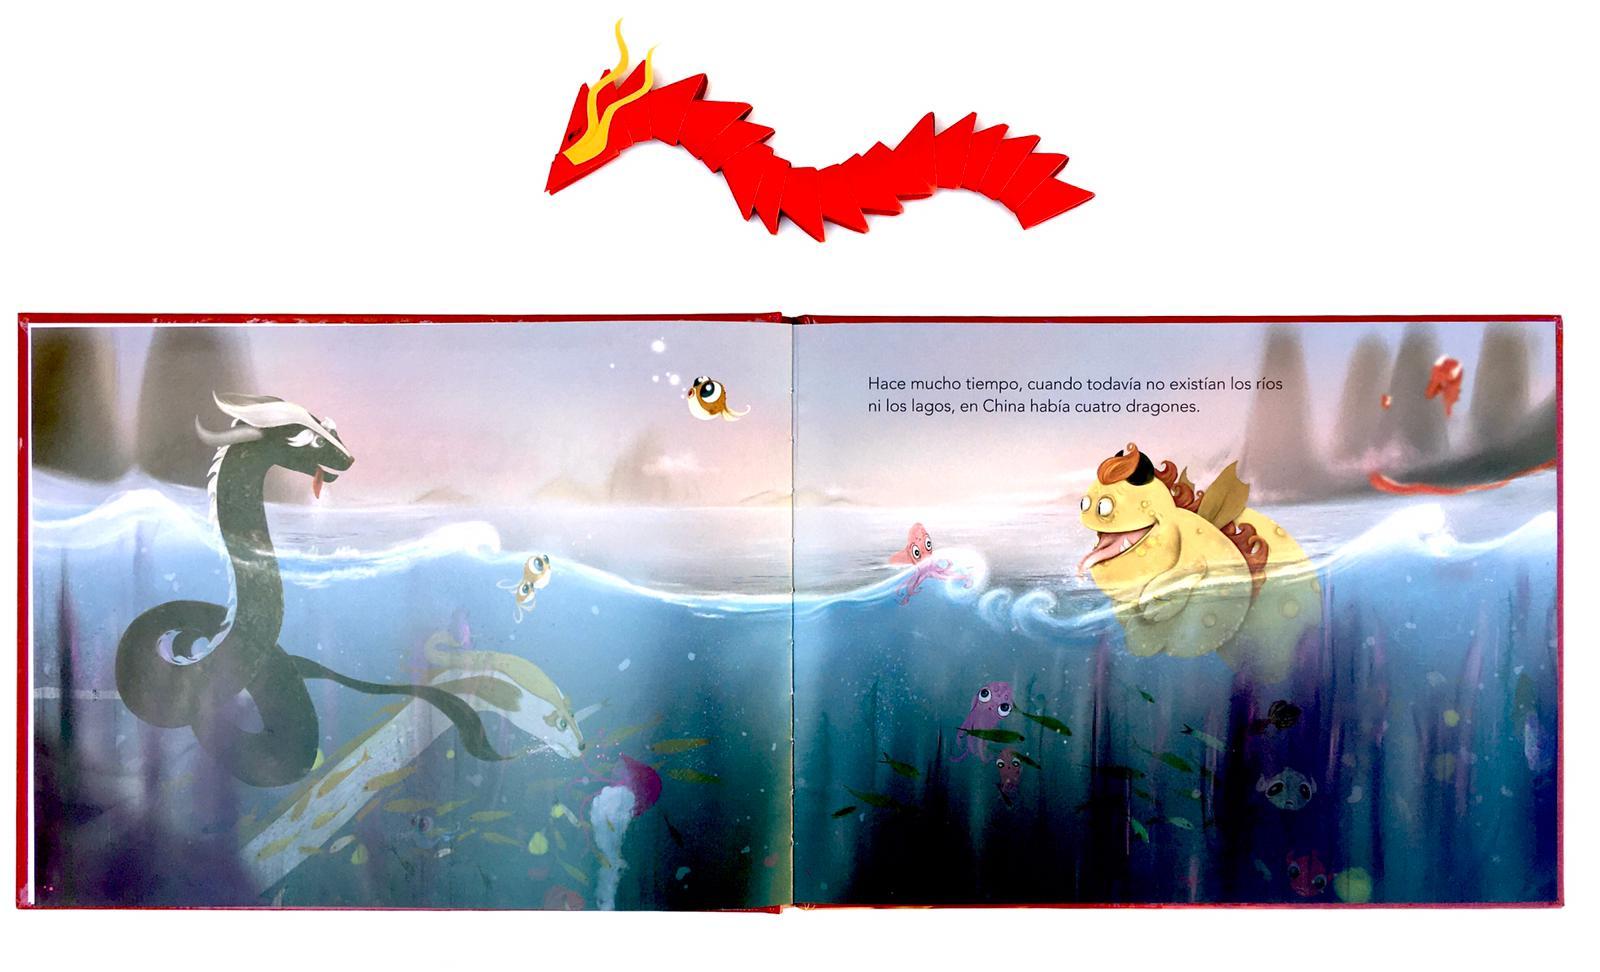 cuatro dragones 01